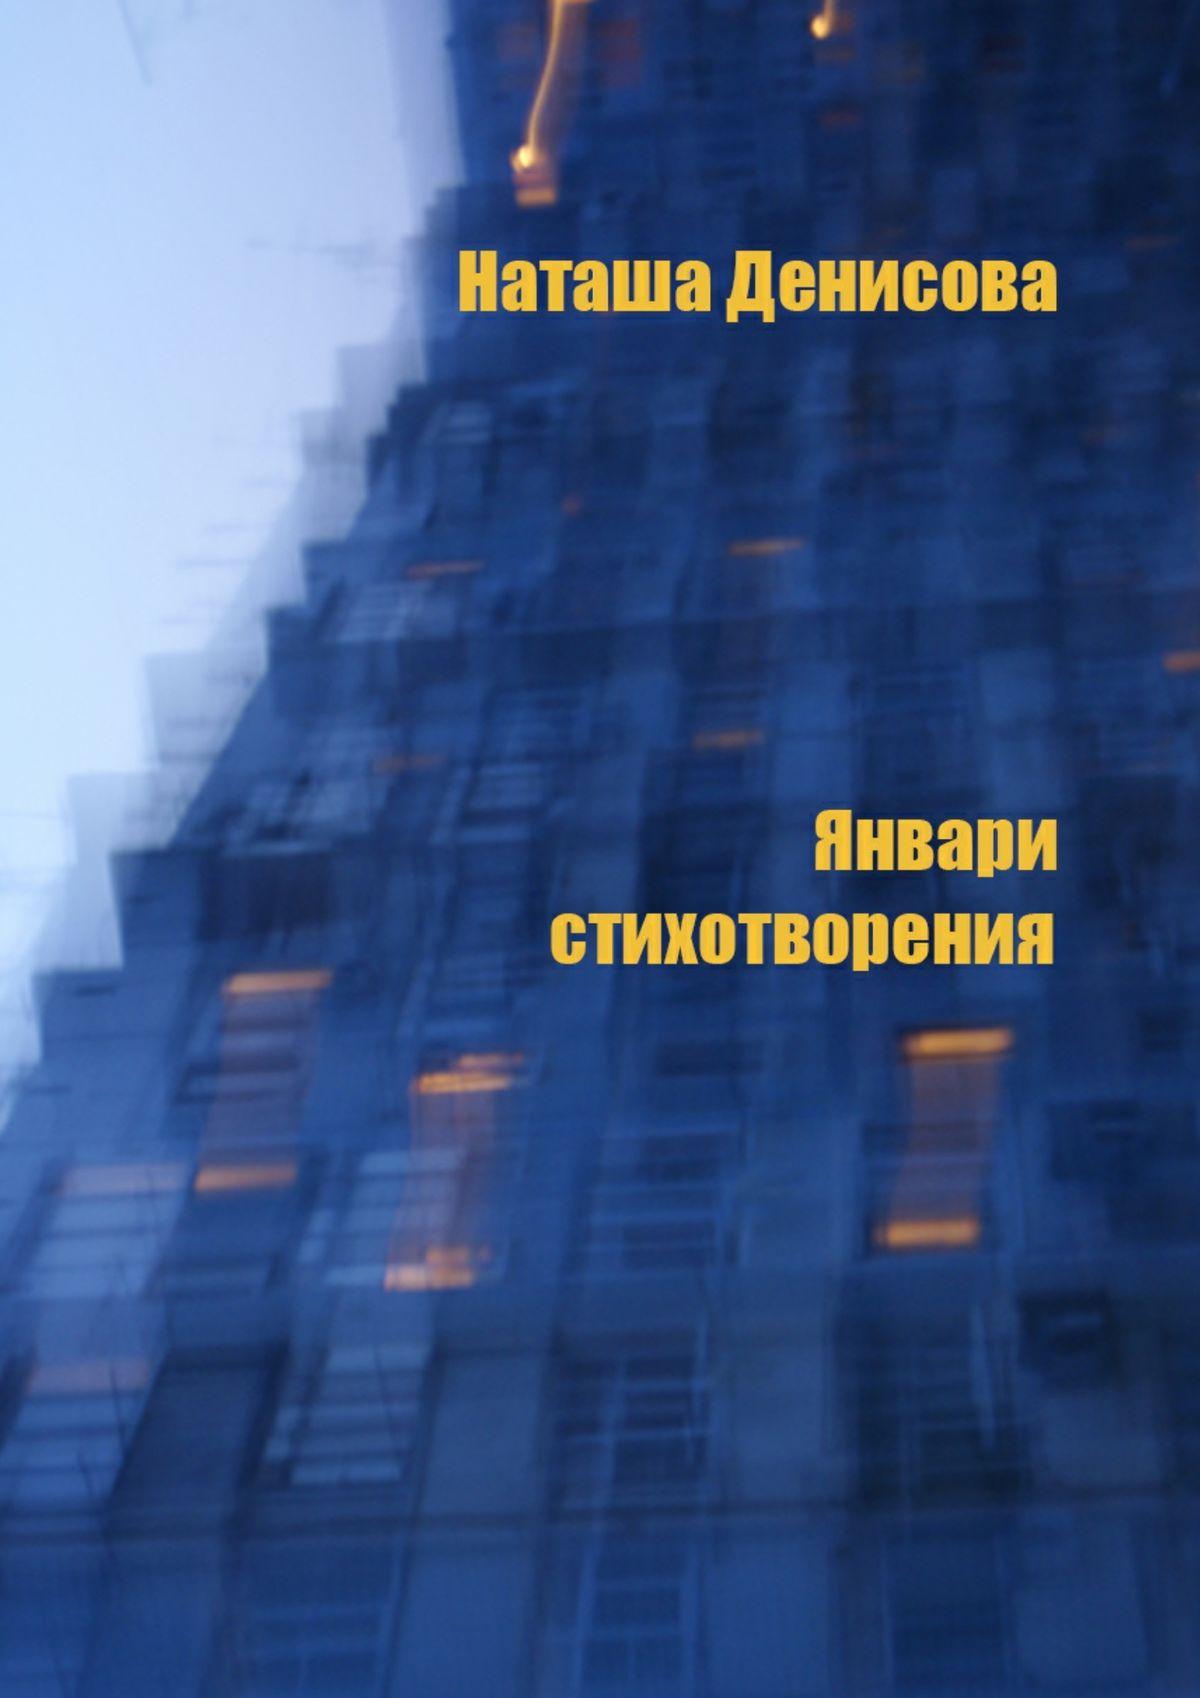 Наташа Денисова Январи. Стихотворения наталья дарованная в потоке яблочного ветра поэзия